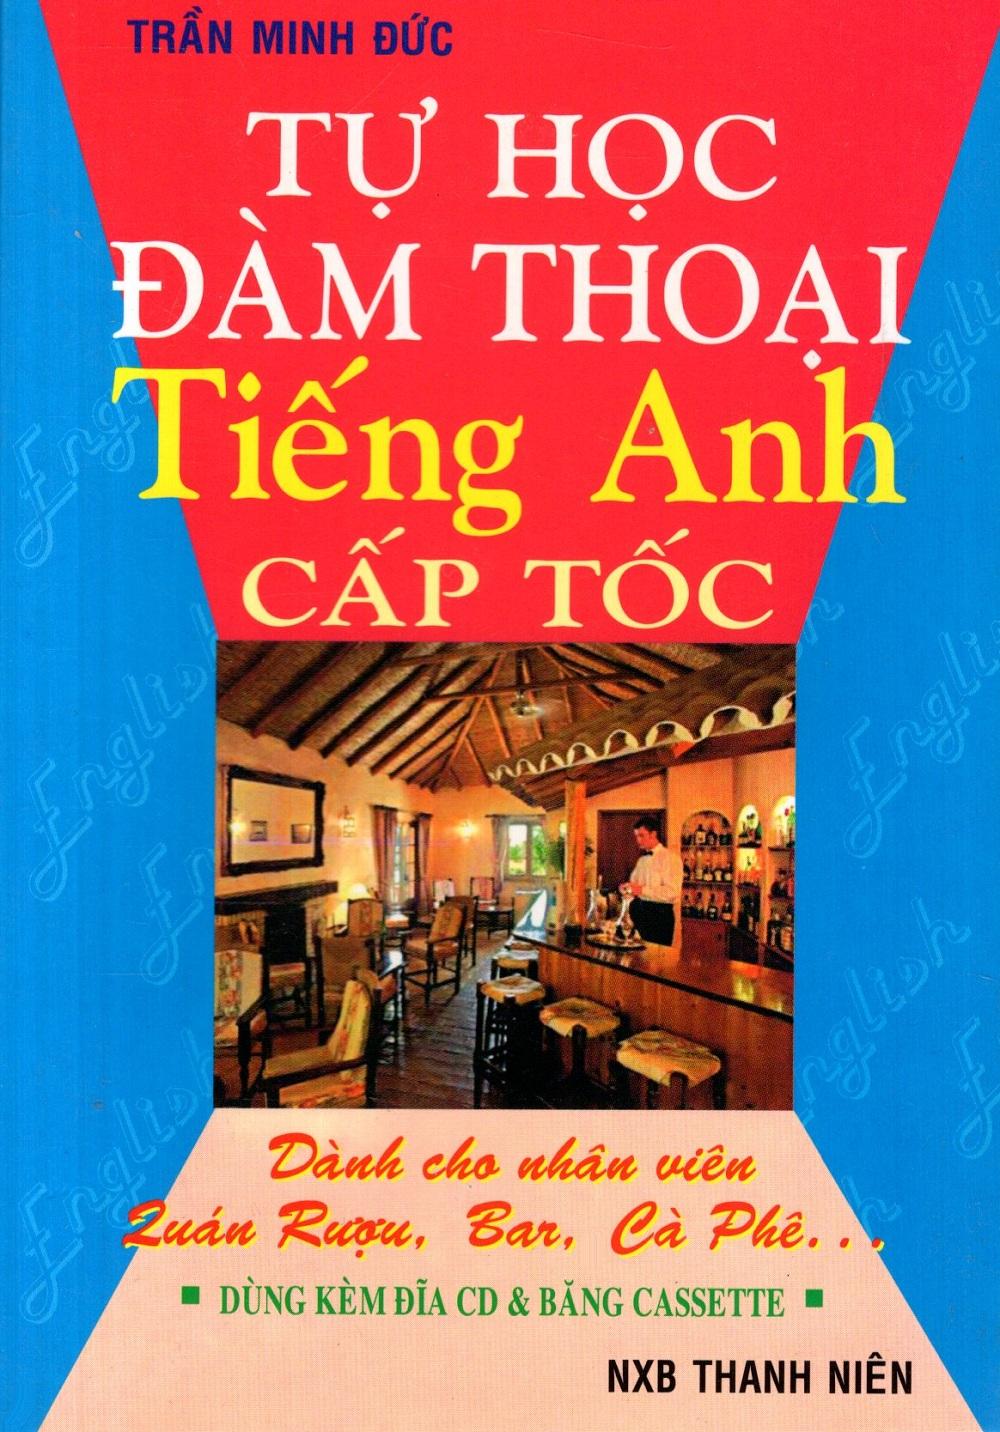 Bìa sách Tự Học Đàm Thoại Tiếng Anh Cấp Tốc (Dành Cho Nhân Viên Quán Rượu, Bar, Cà Phê) - Sách Bỏ Túi